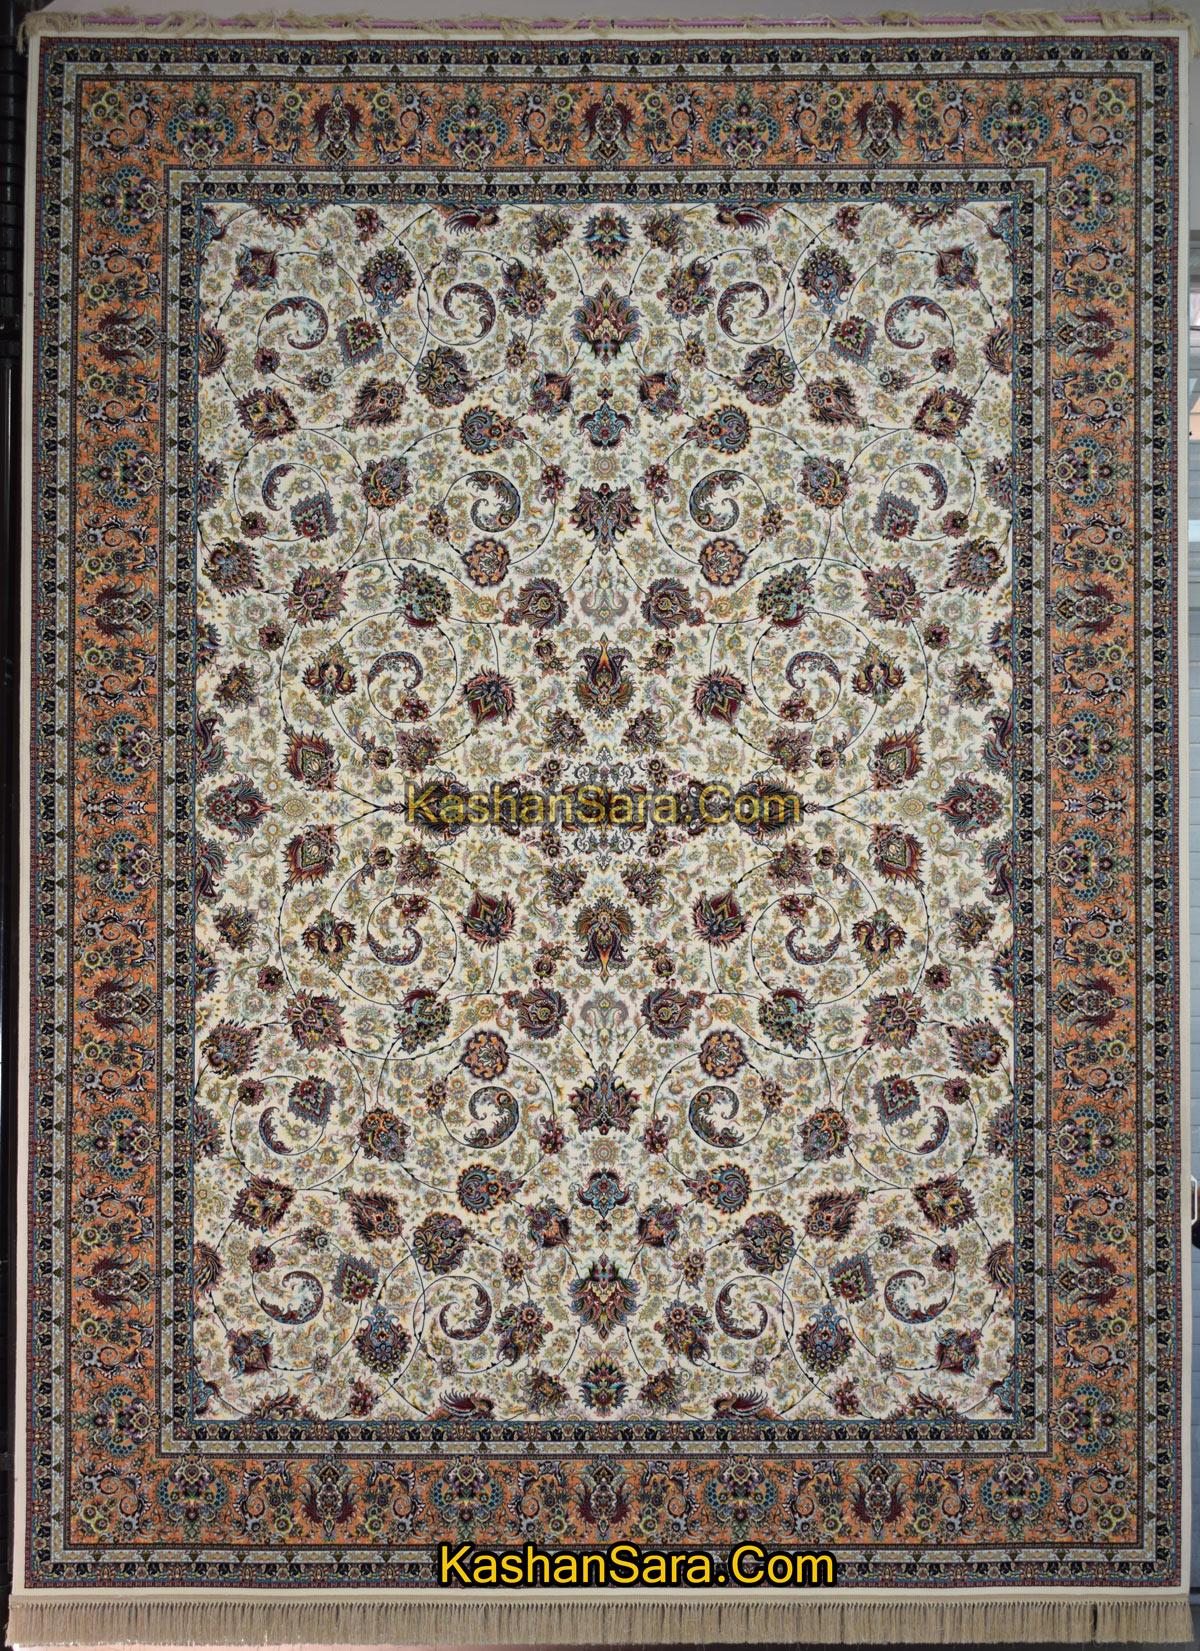 فرش افشان یادگار ۱۲۰۰ شانه-فرش کاشان